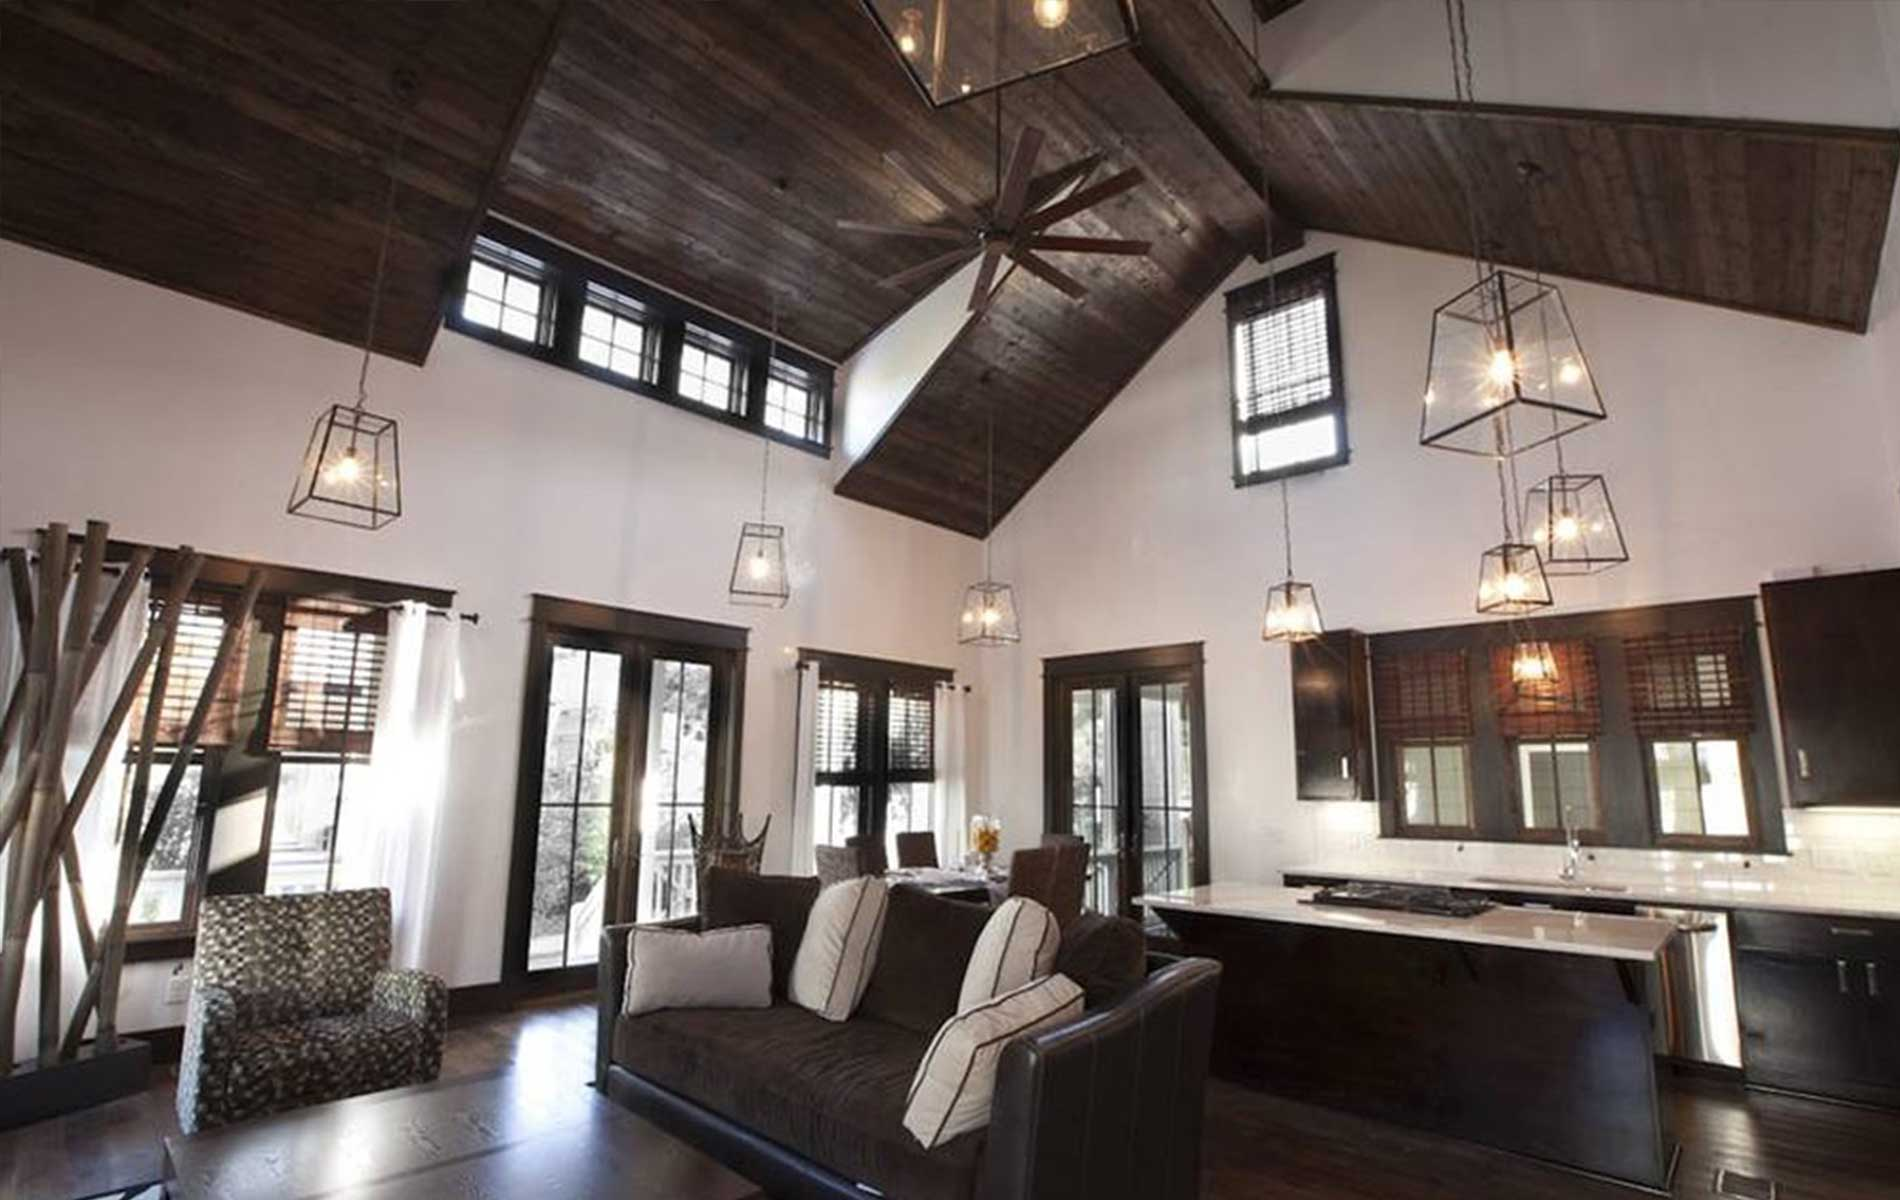 vie-magazine-hero-jazayeri-design, home, interior